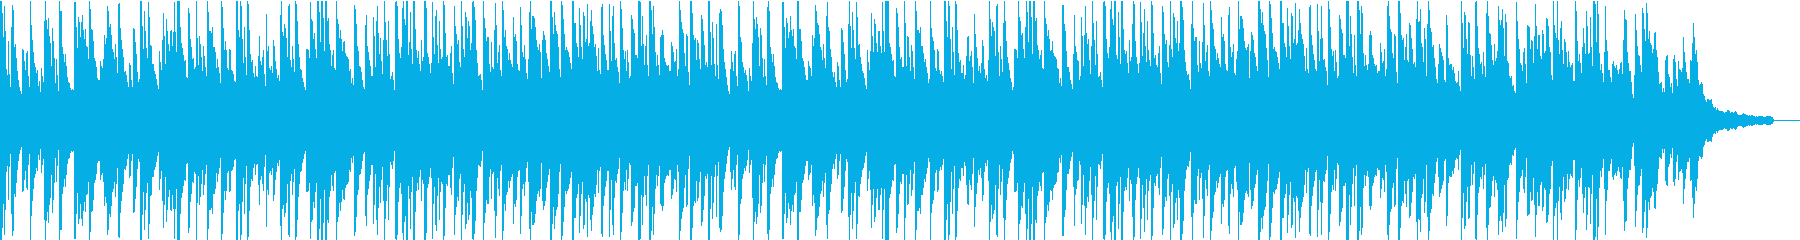 ほんわかしたピアノの曲ですの再生済みの波形